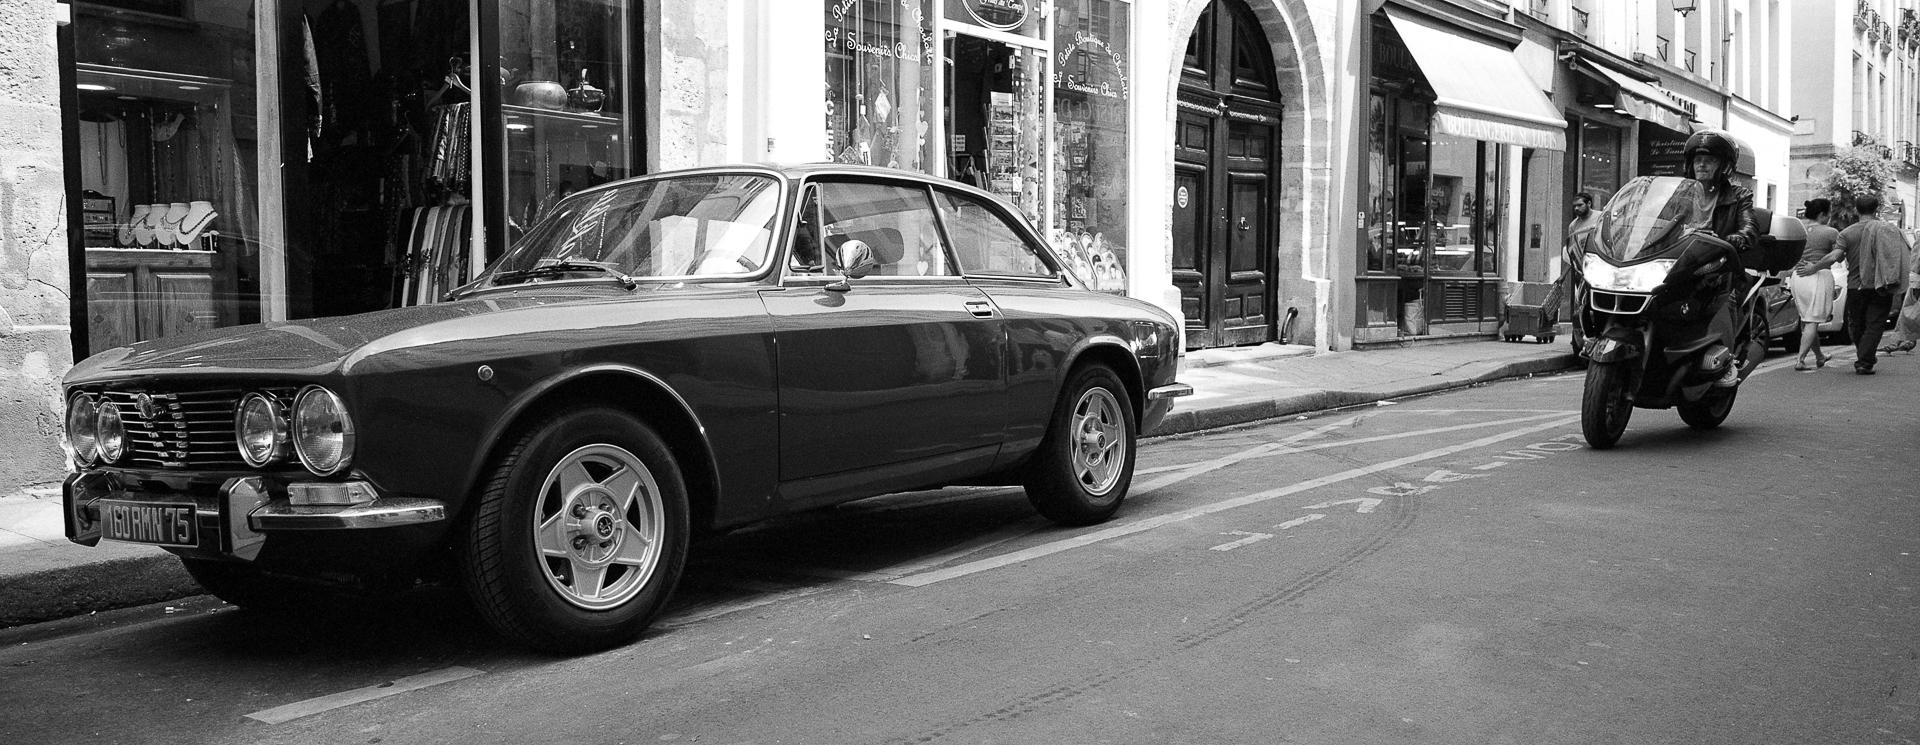 AlfaRomeo Giulia Coupe